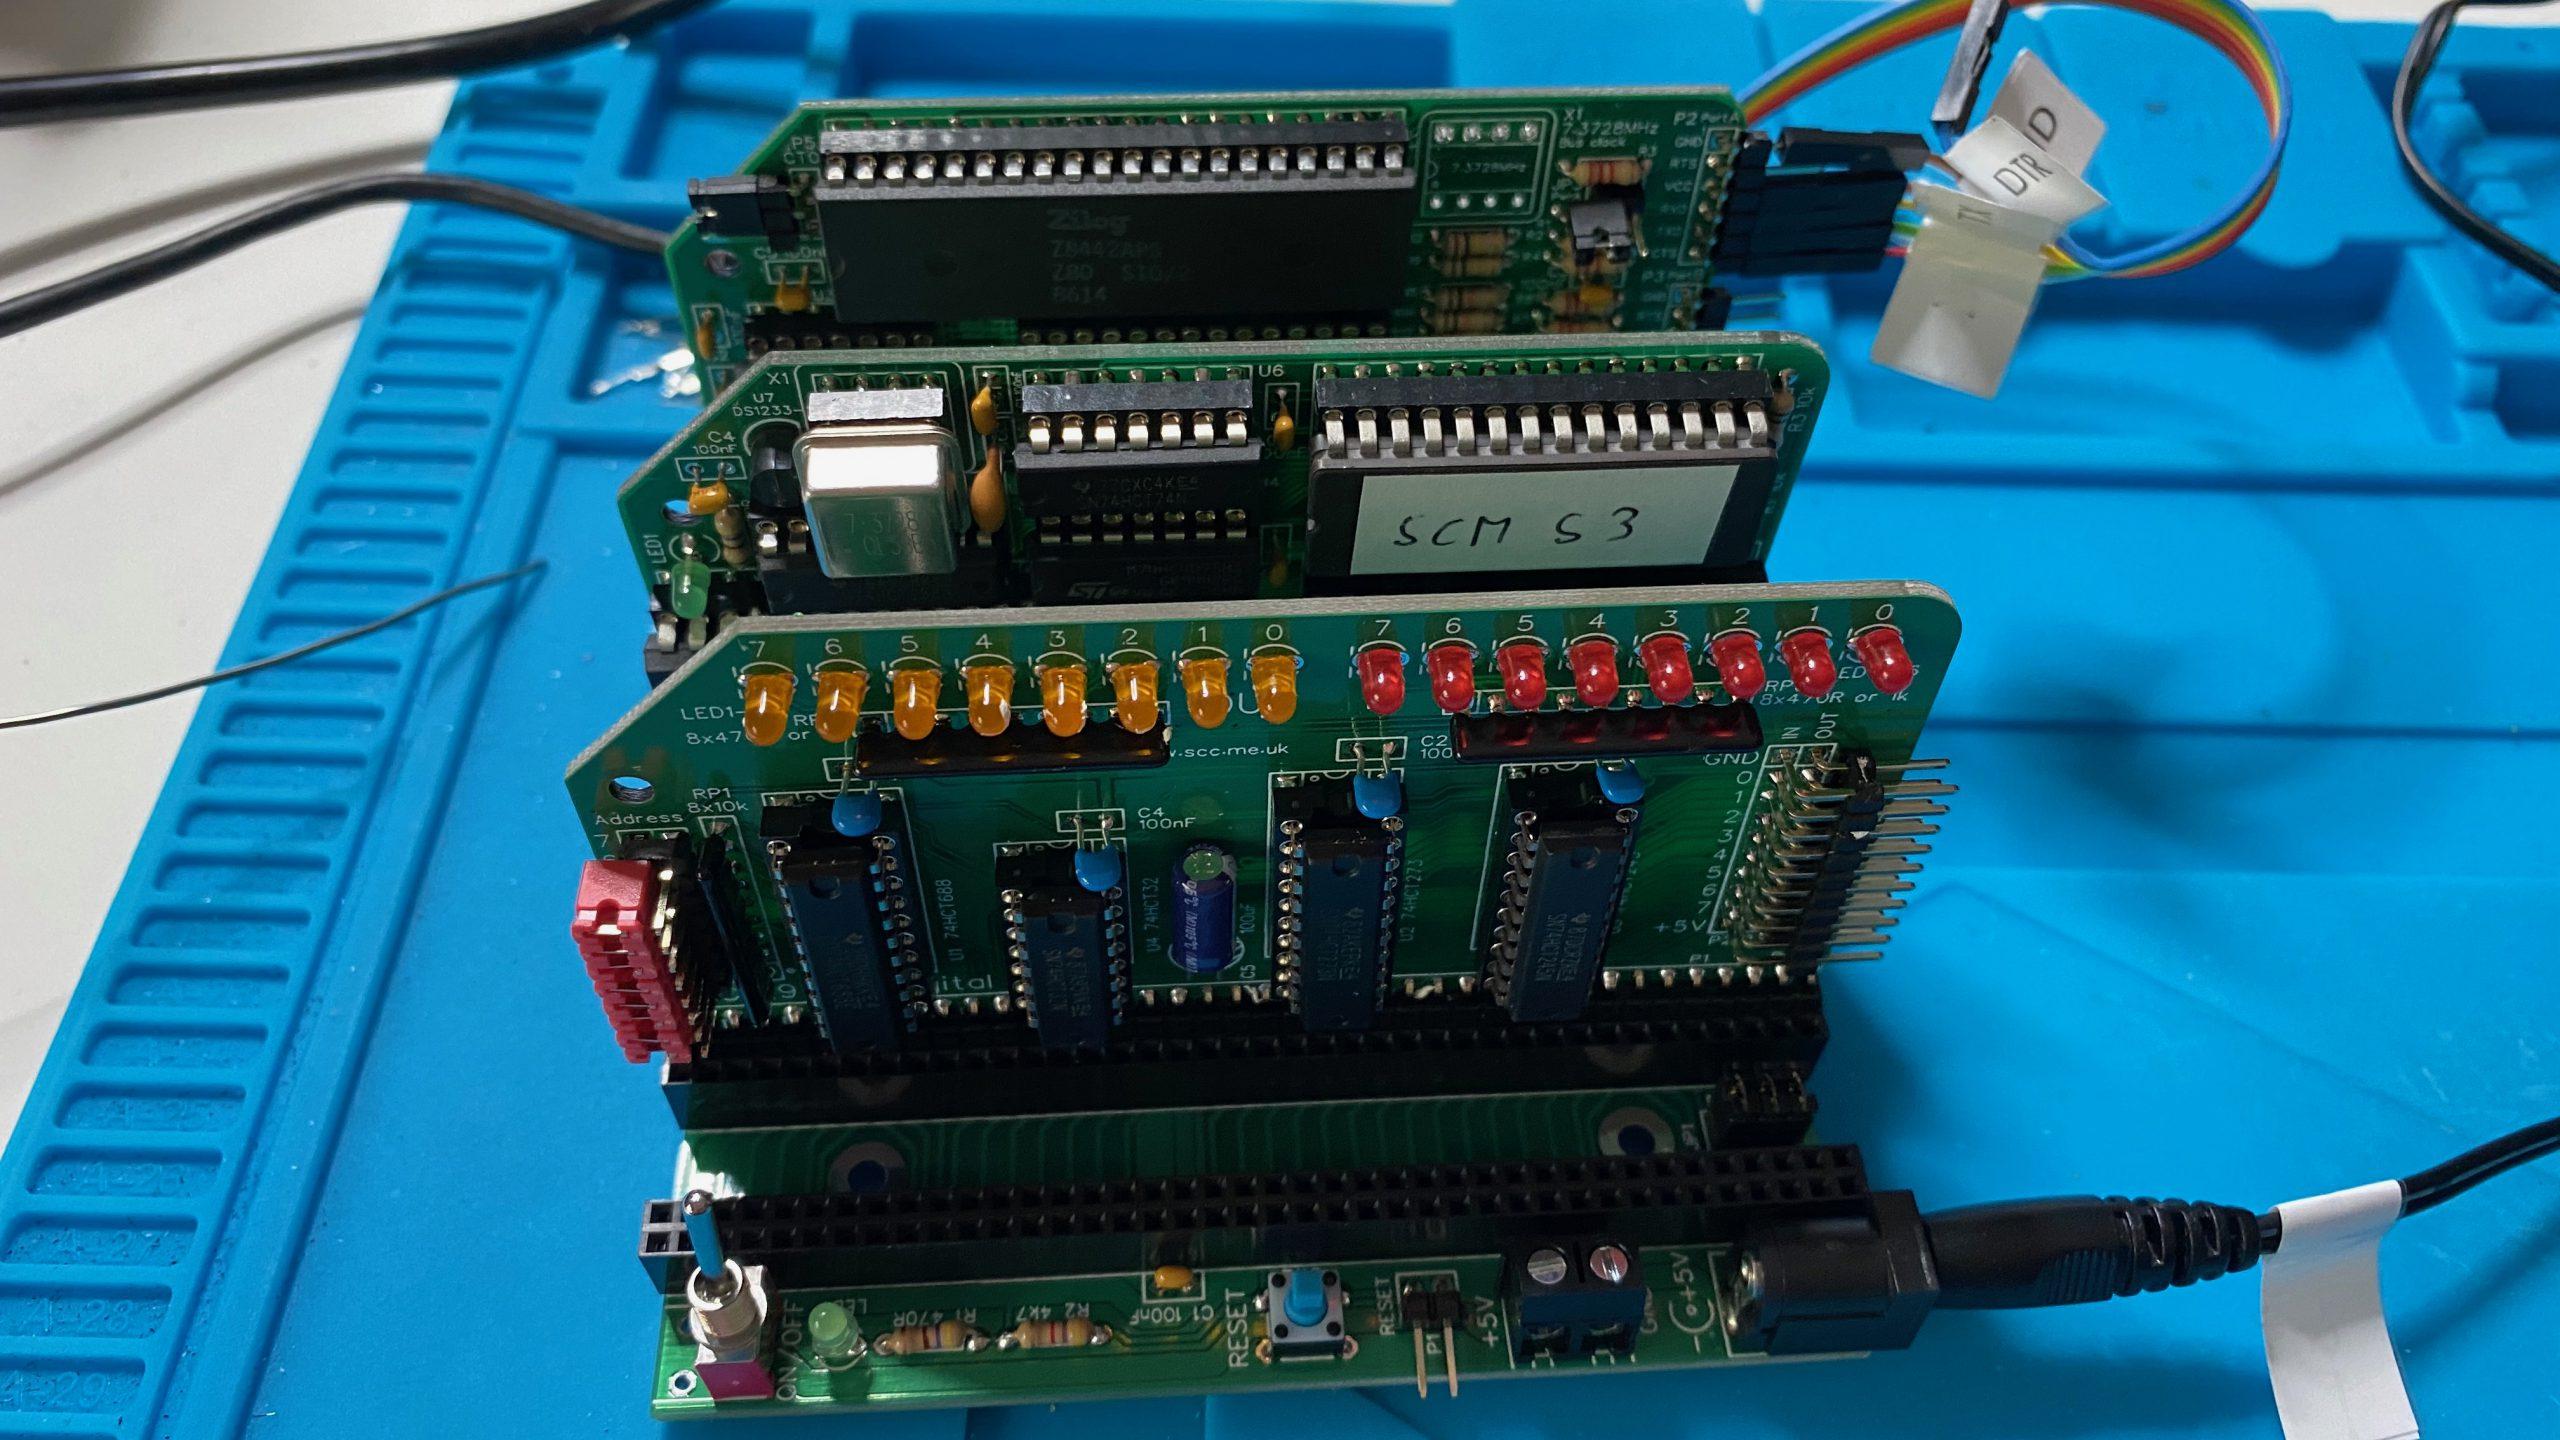 SC129 testing